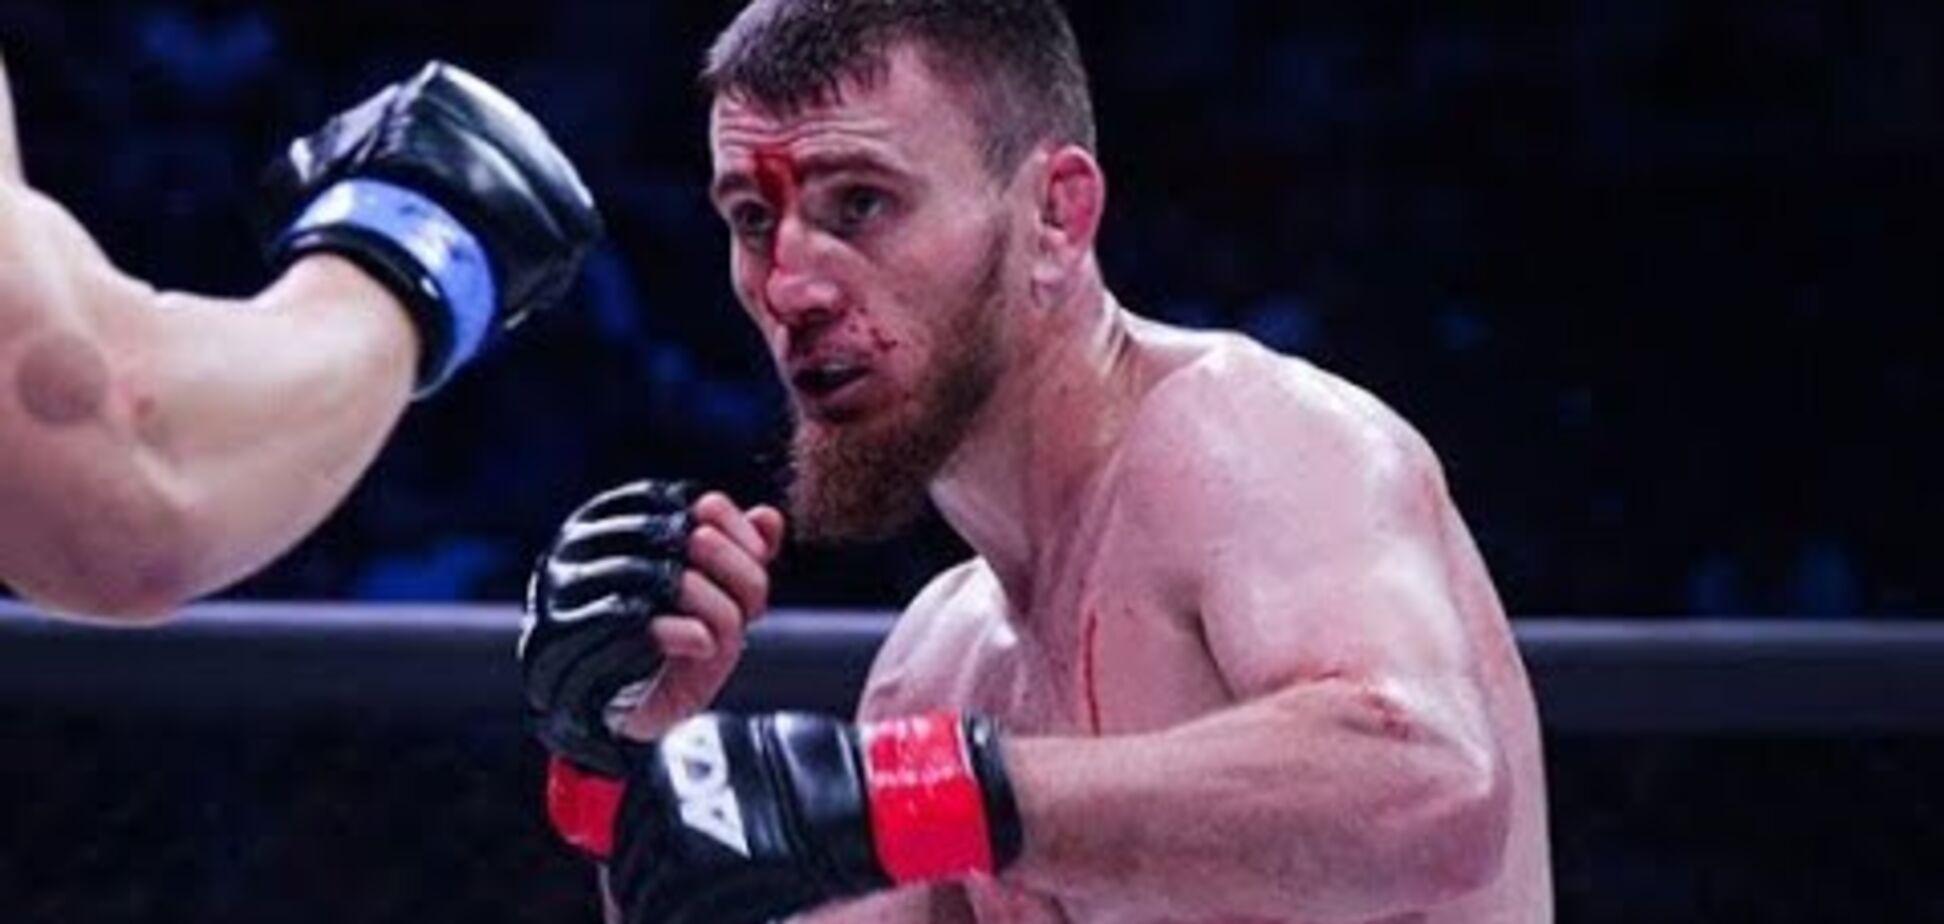 Боец-чемпион испортил праздник Кадырову в Грозном - опубликовано видео